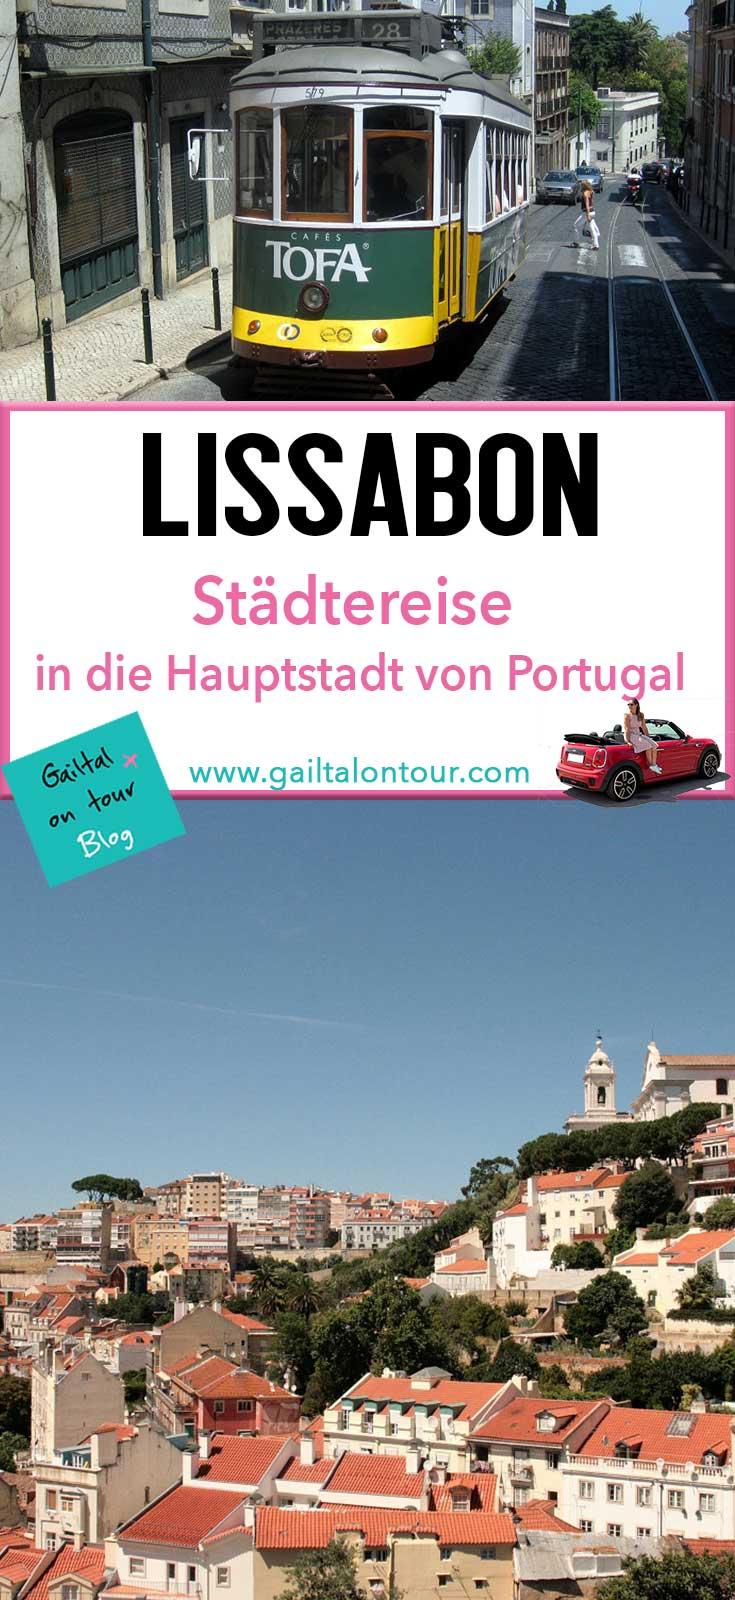 Städtereise nach #Lissabon; Tipps für #Sightseeing und #Ausflugsziele in die Umgebung der Hauptstadt von Portugal